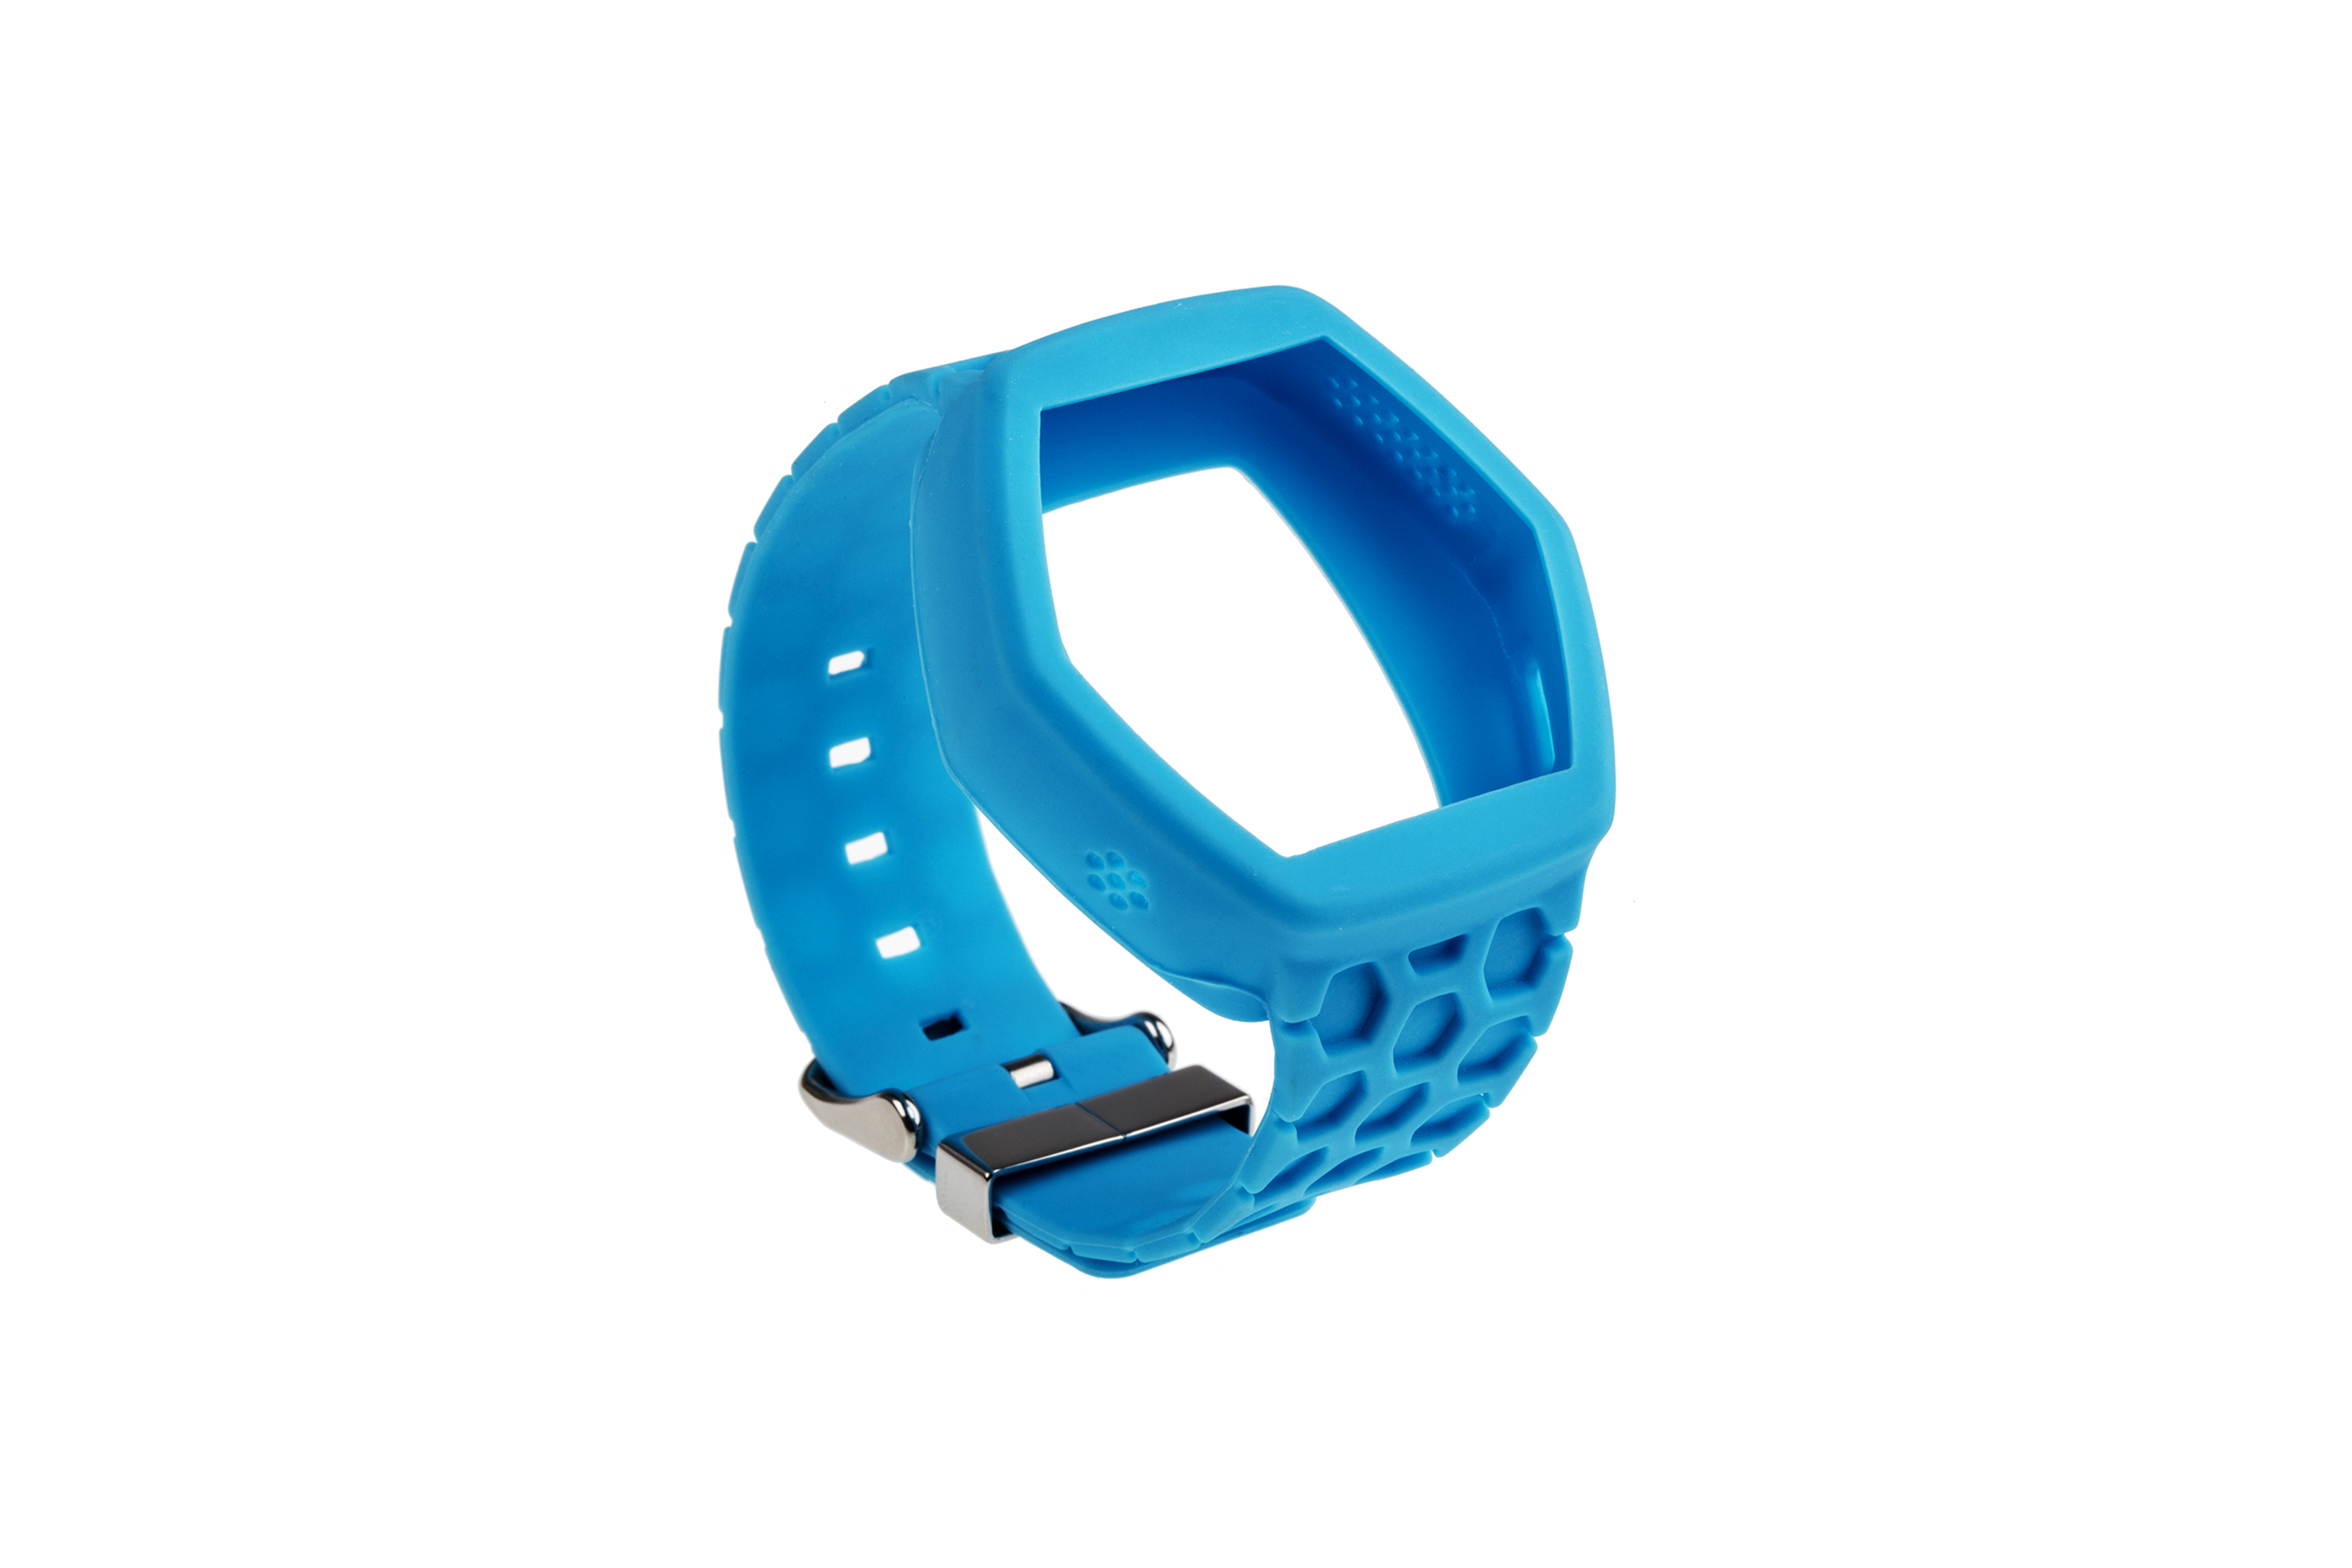 Hexiwear IOT 開発キット アクセサリーパック ブルー